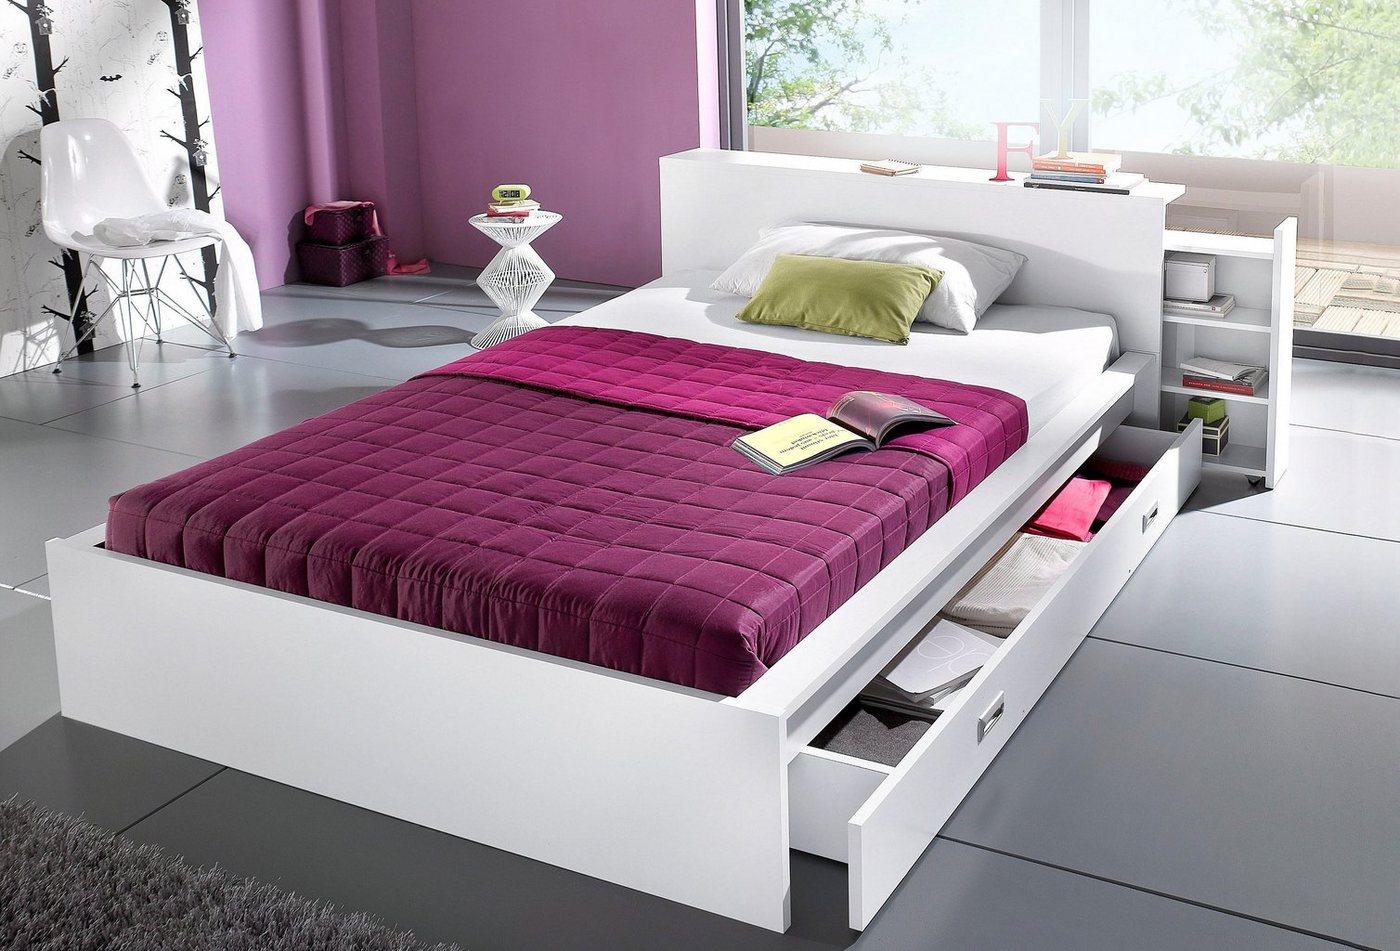 Breckle Futonbett | Schlafzimmer > Betten > Futonbetten | Weiß | Breckle